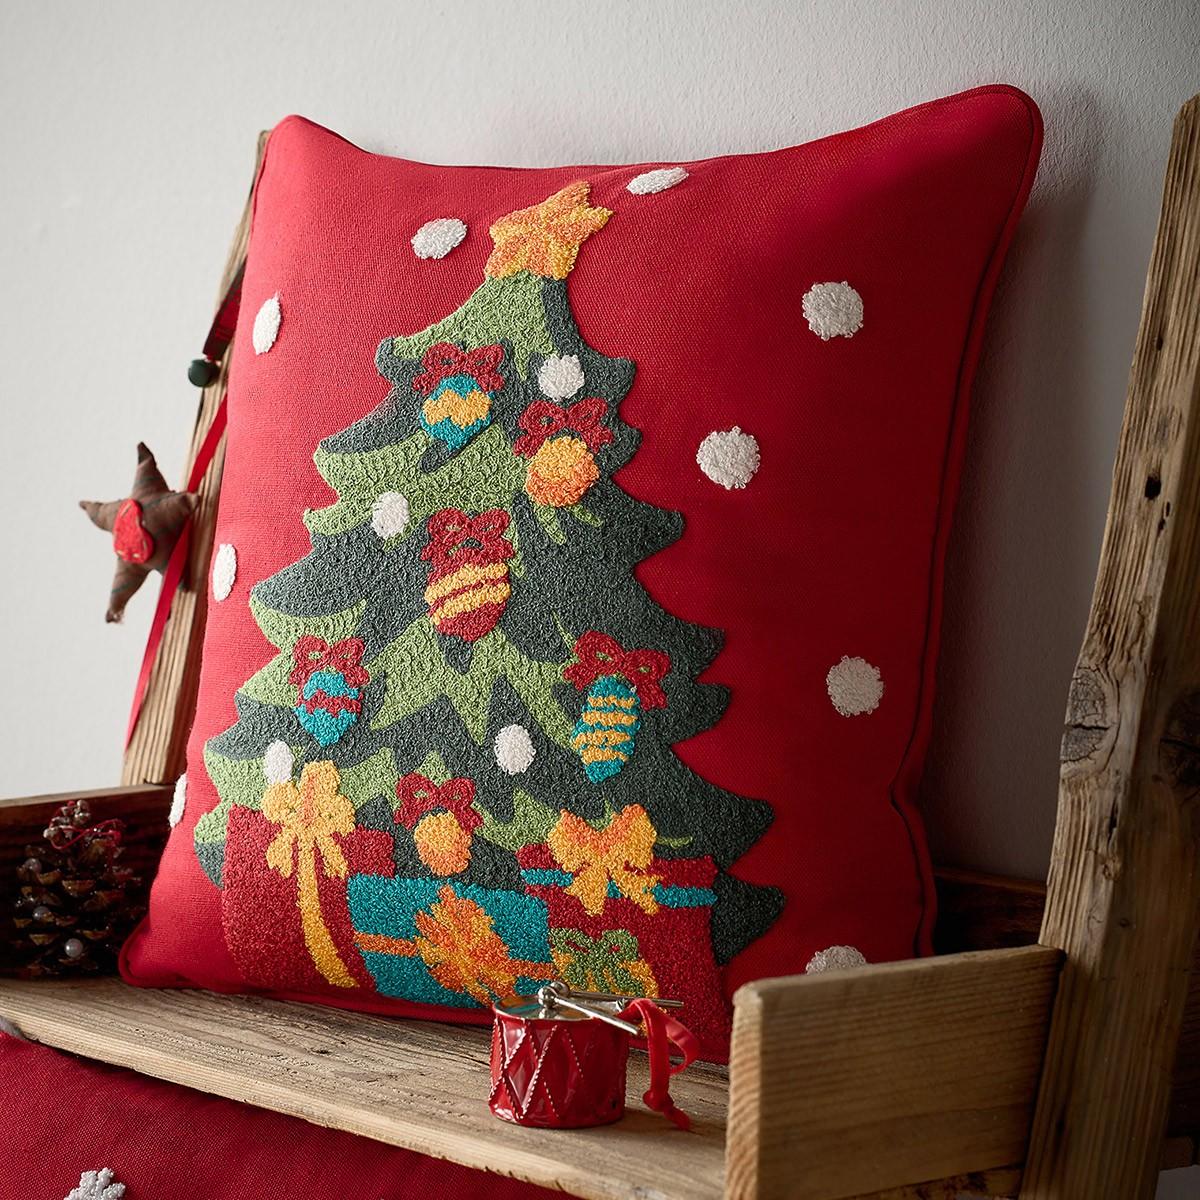 Χριστουγεννιάτικη Μαξιλαροθήκη Gofis Home 583